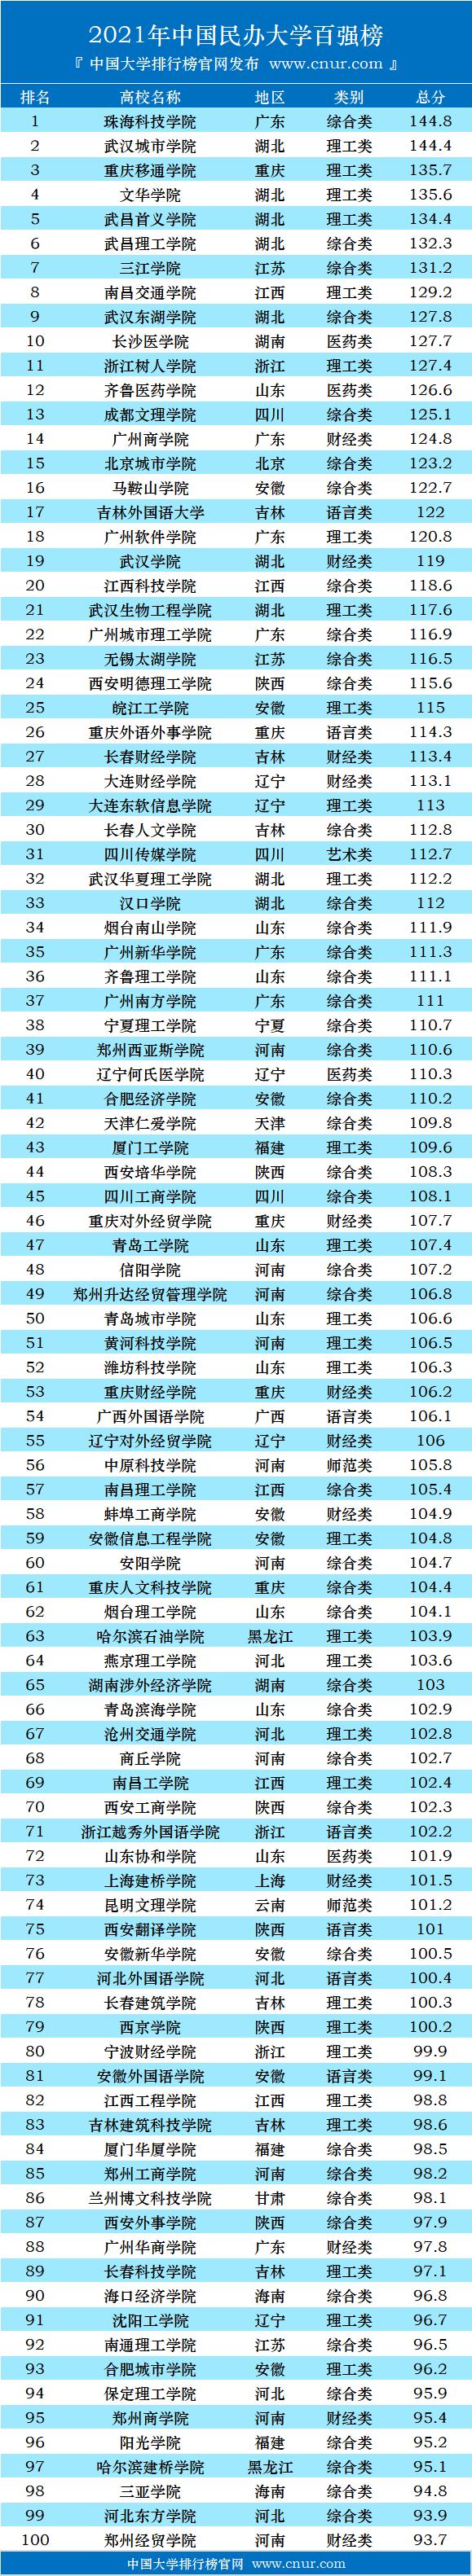 2021年中国民办大学百强榜发布-第3张图片-中国大学排行榜